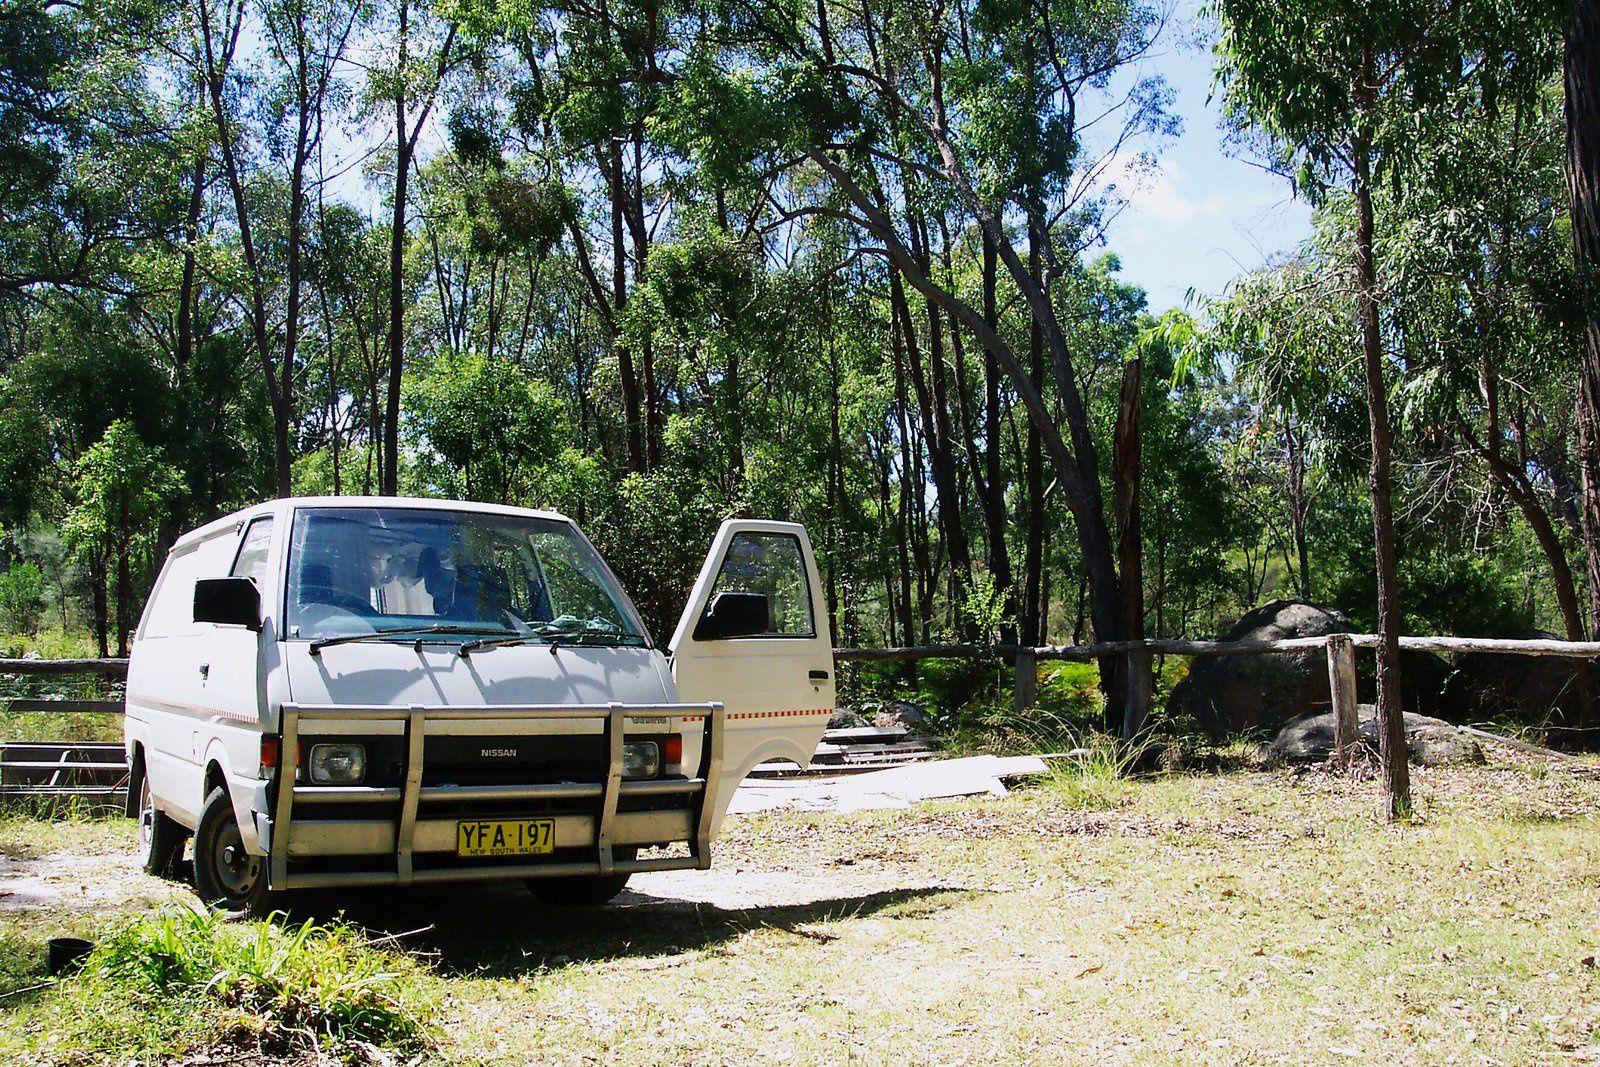 van australie vehicule